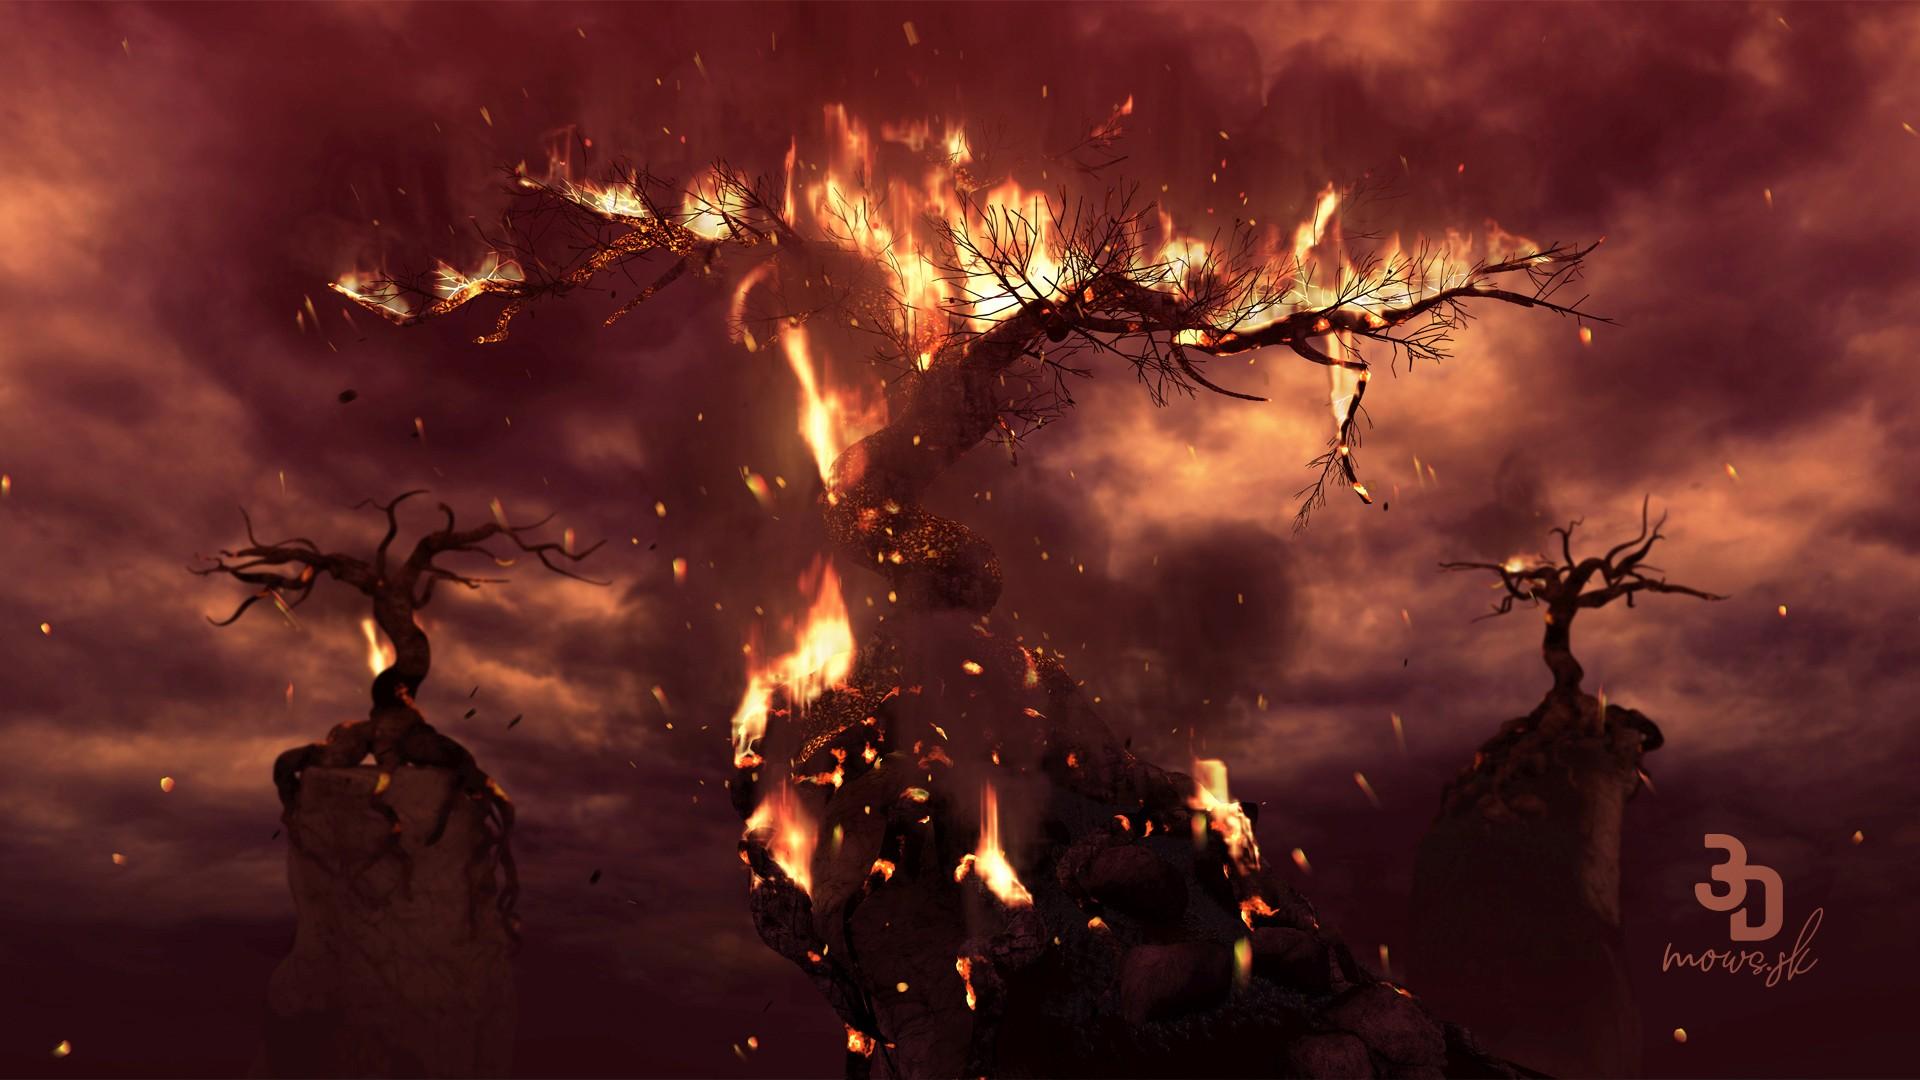 Medzi peklom a nebom